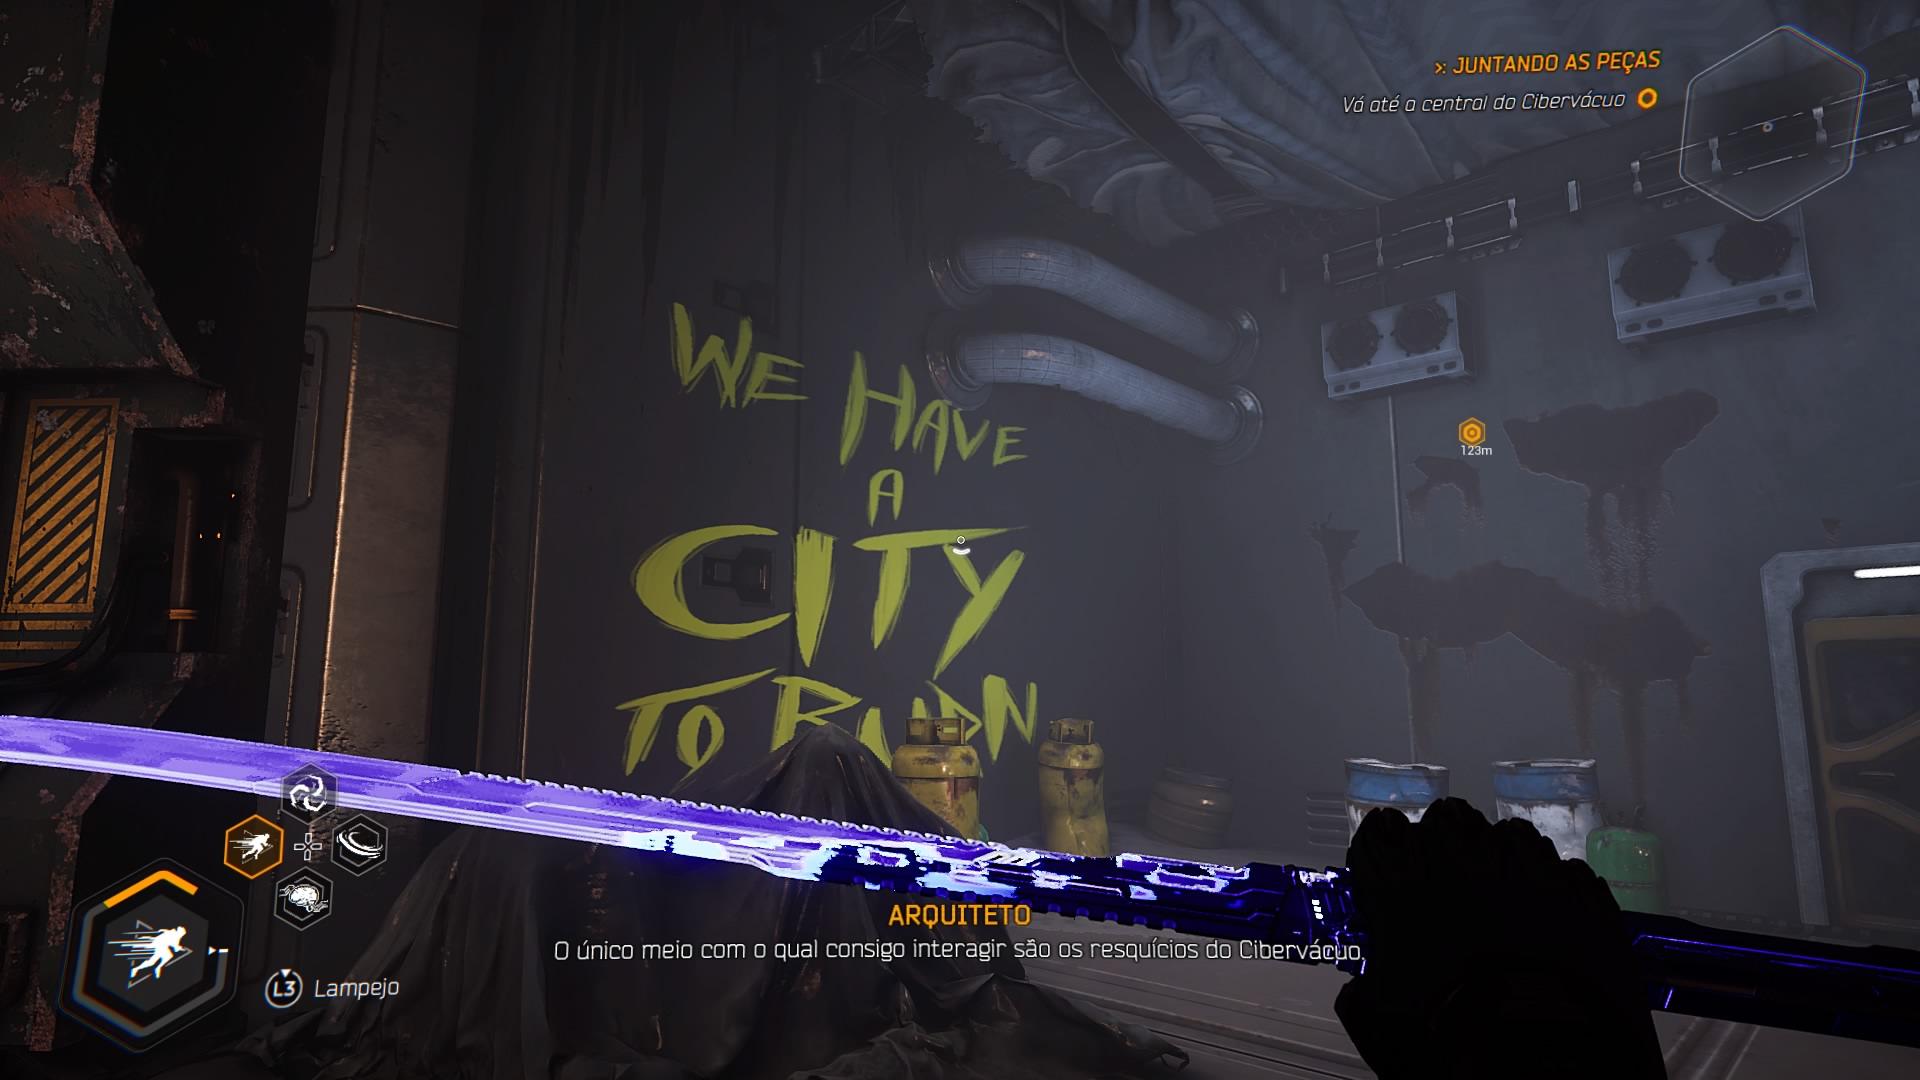 Referência a Cyberpunk 2077